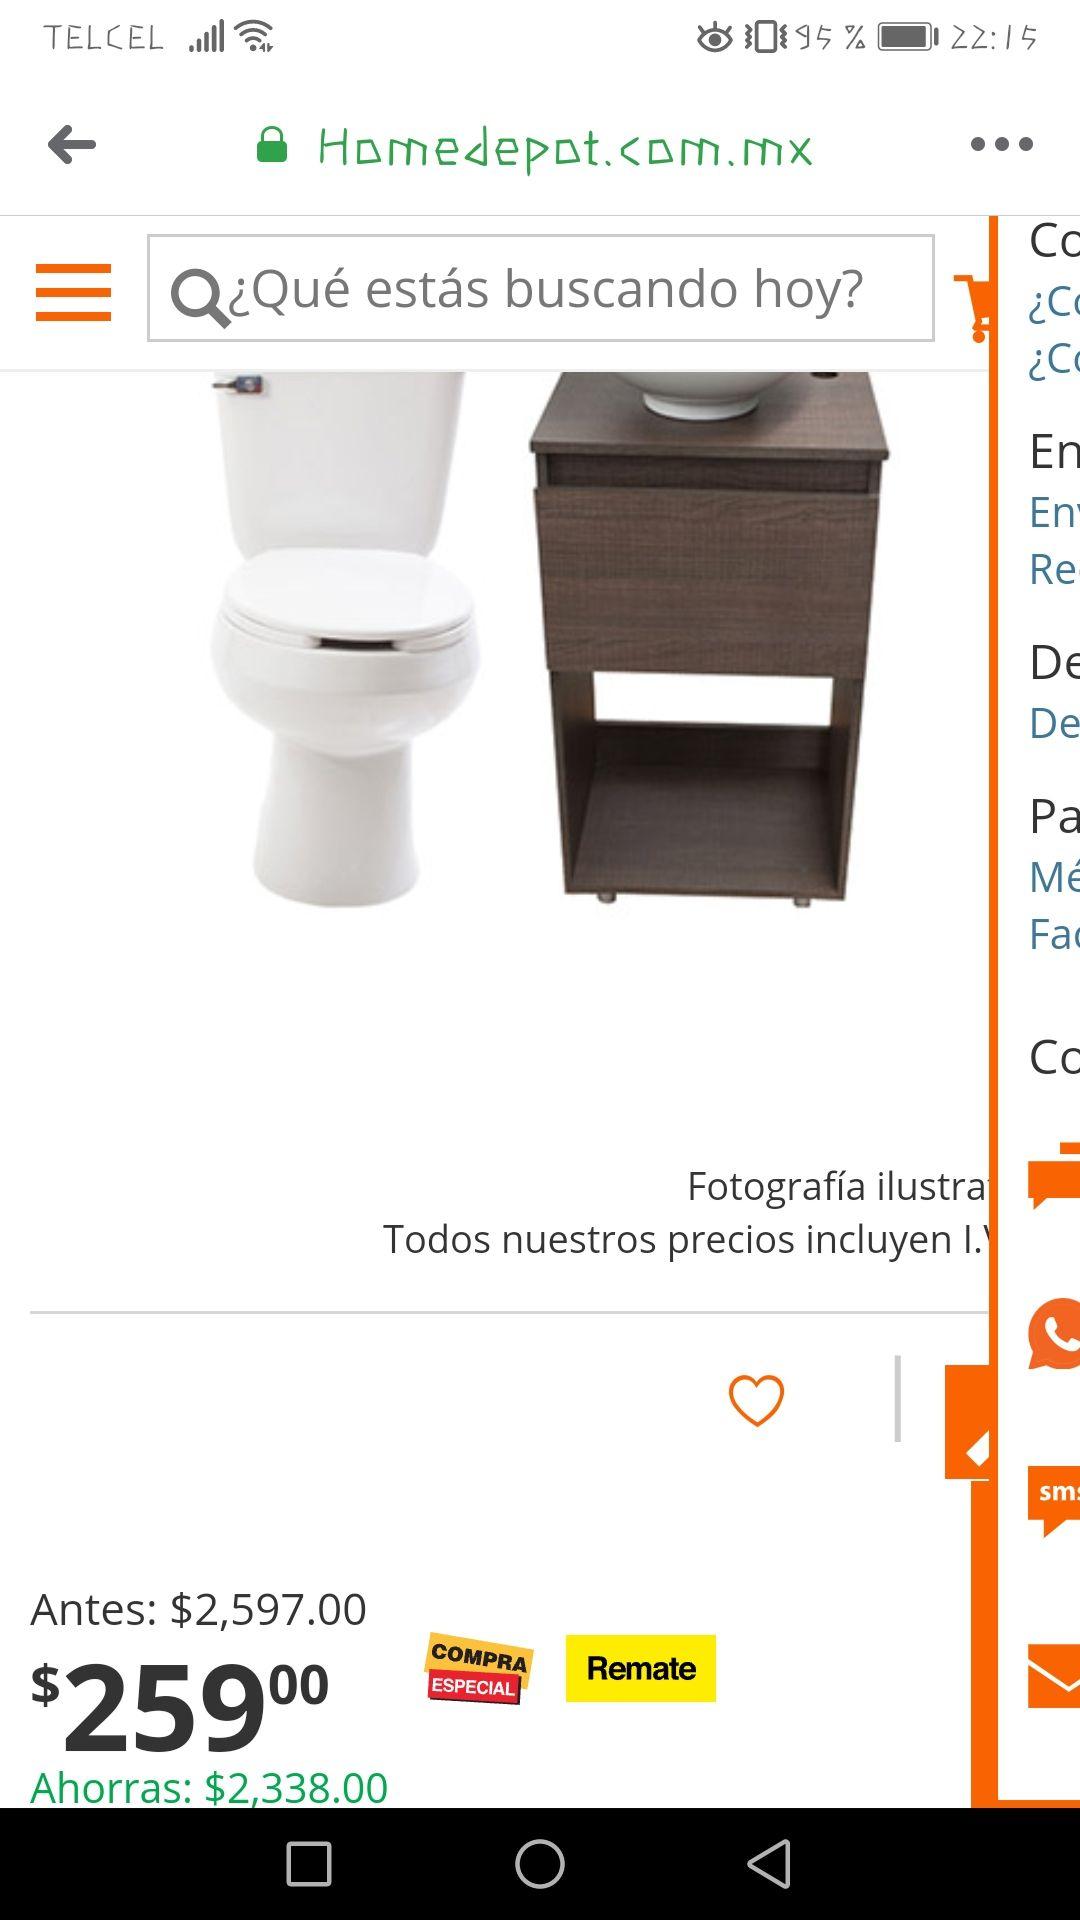 HOME DEPOT: PAQUETE SANITARIO ALARGADO 4.8 L CON LAVABO Y MUEBLE PARA BAÑO